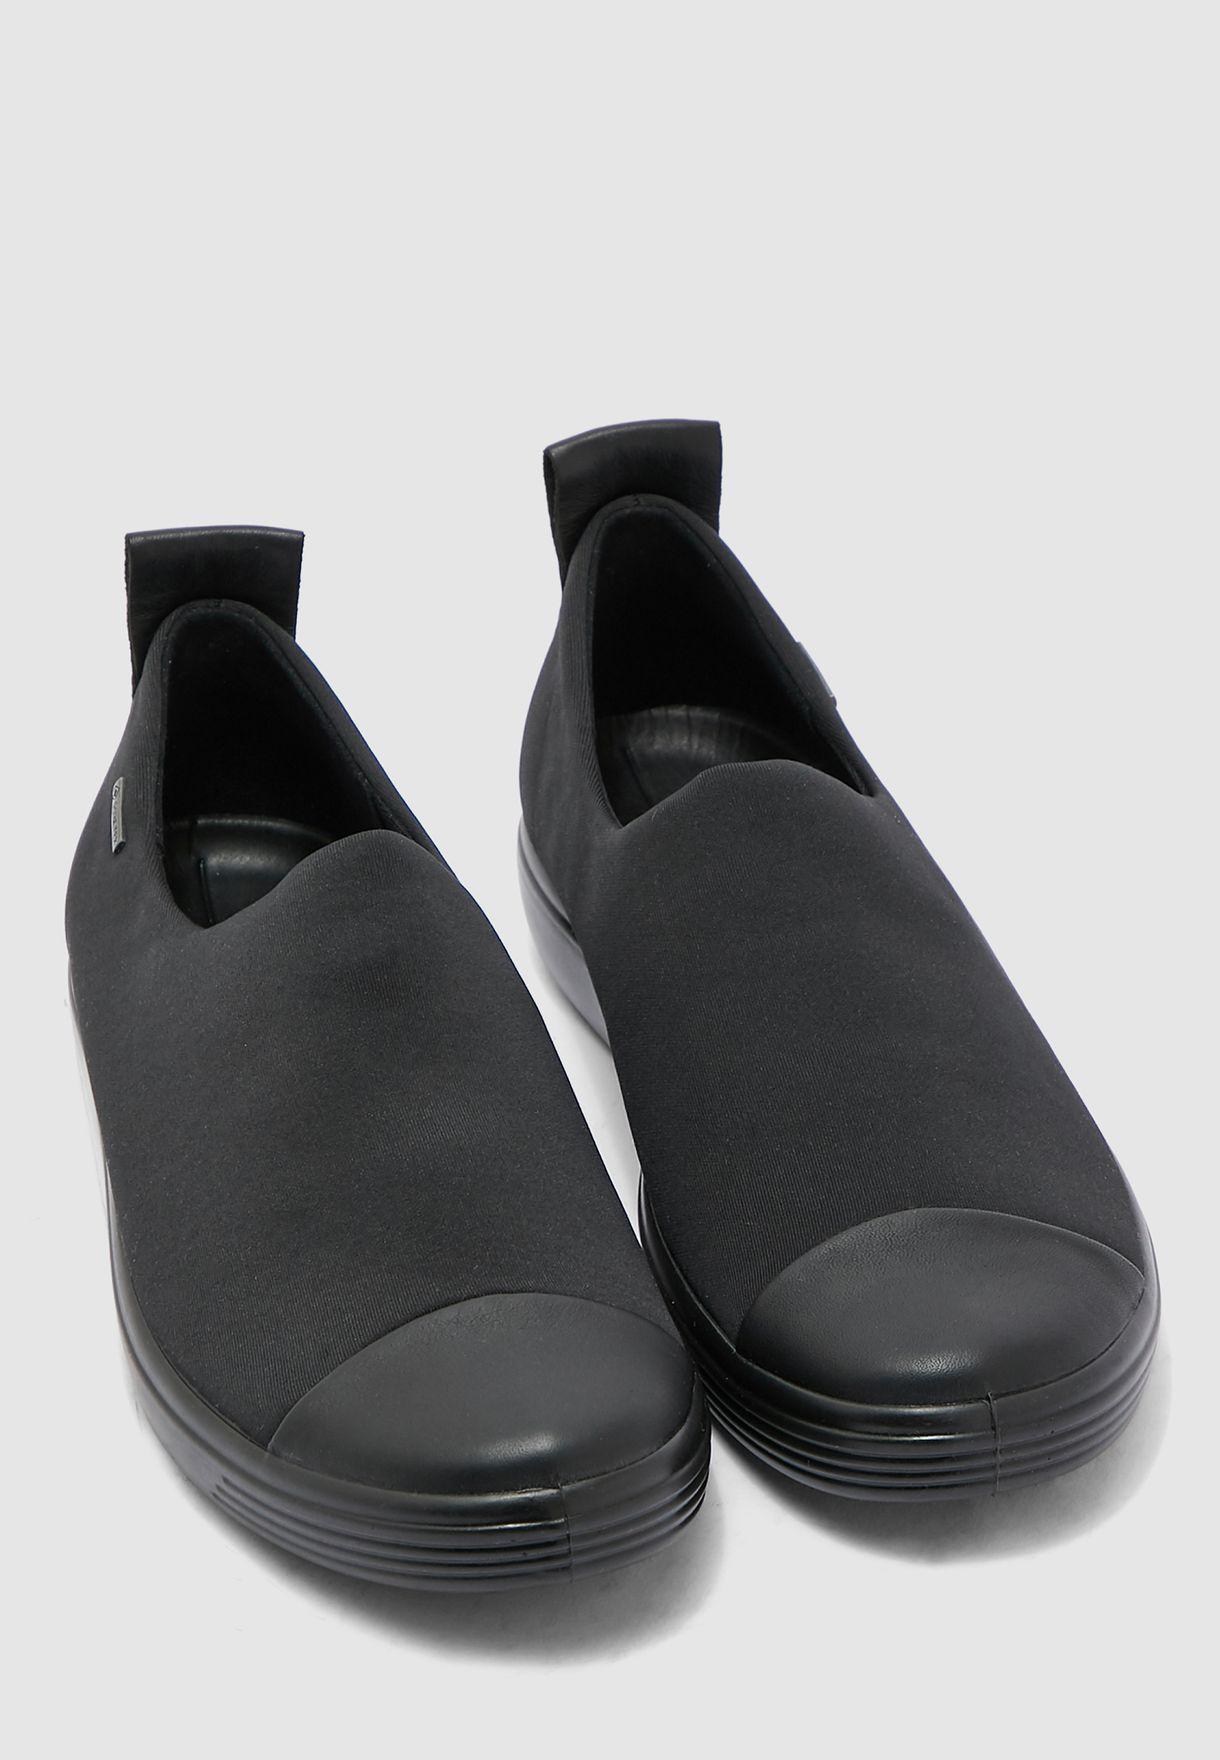 Ecco Bella Slip On - Black